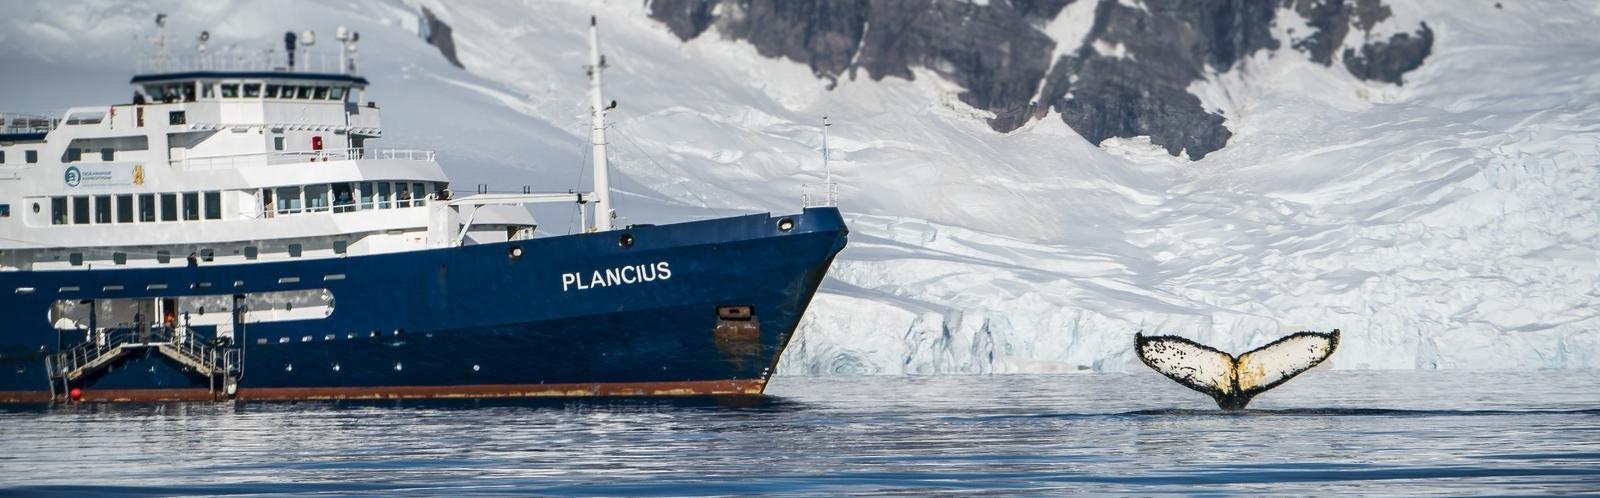 Expeditiecruise M/V Plancius